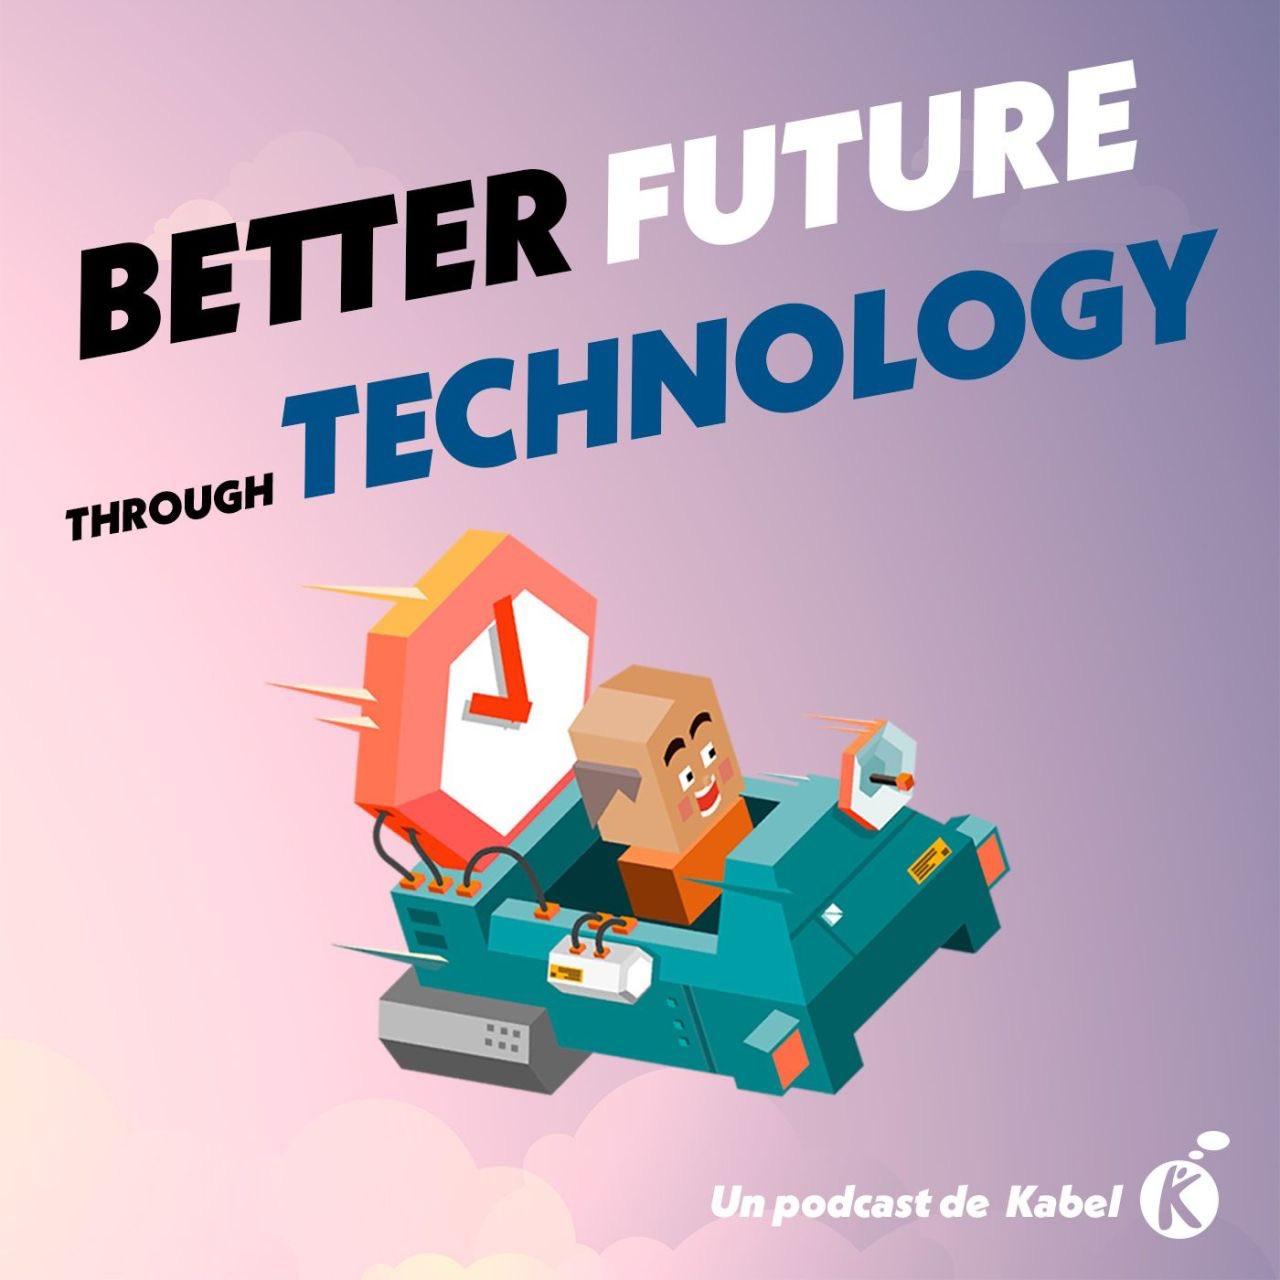 """Kabel on Twitter: """"Nuevo capítulo de nuestro #podcast 'Better Future  through Technology' Hoy hablamos de #MarcaPersonal, #LinkedIn... y más, y  nos acompañan Carlos Cabezón, @jlcasal y @AliciaPomares. No os lo podéis  perder."""